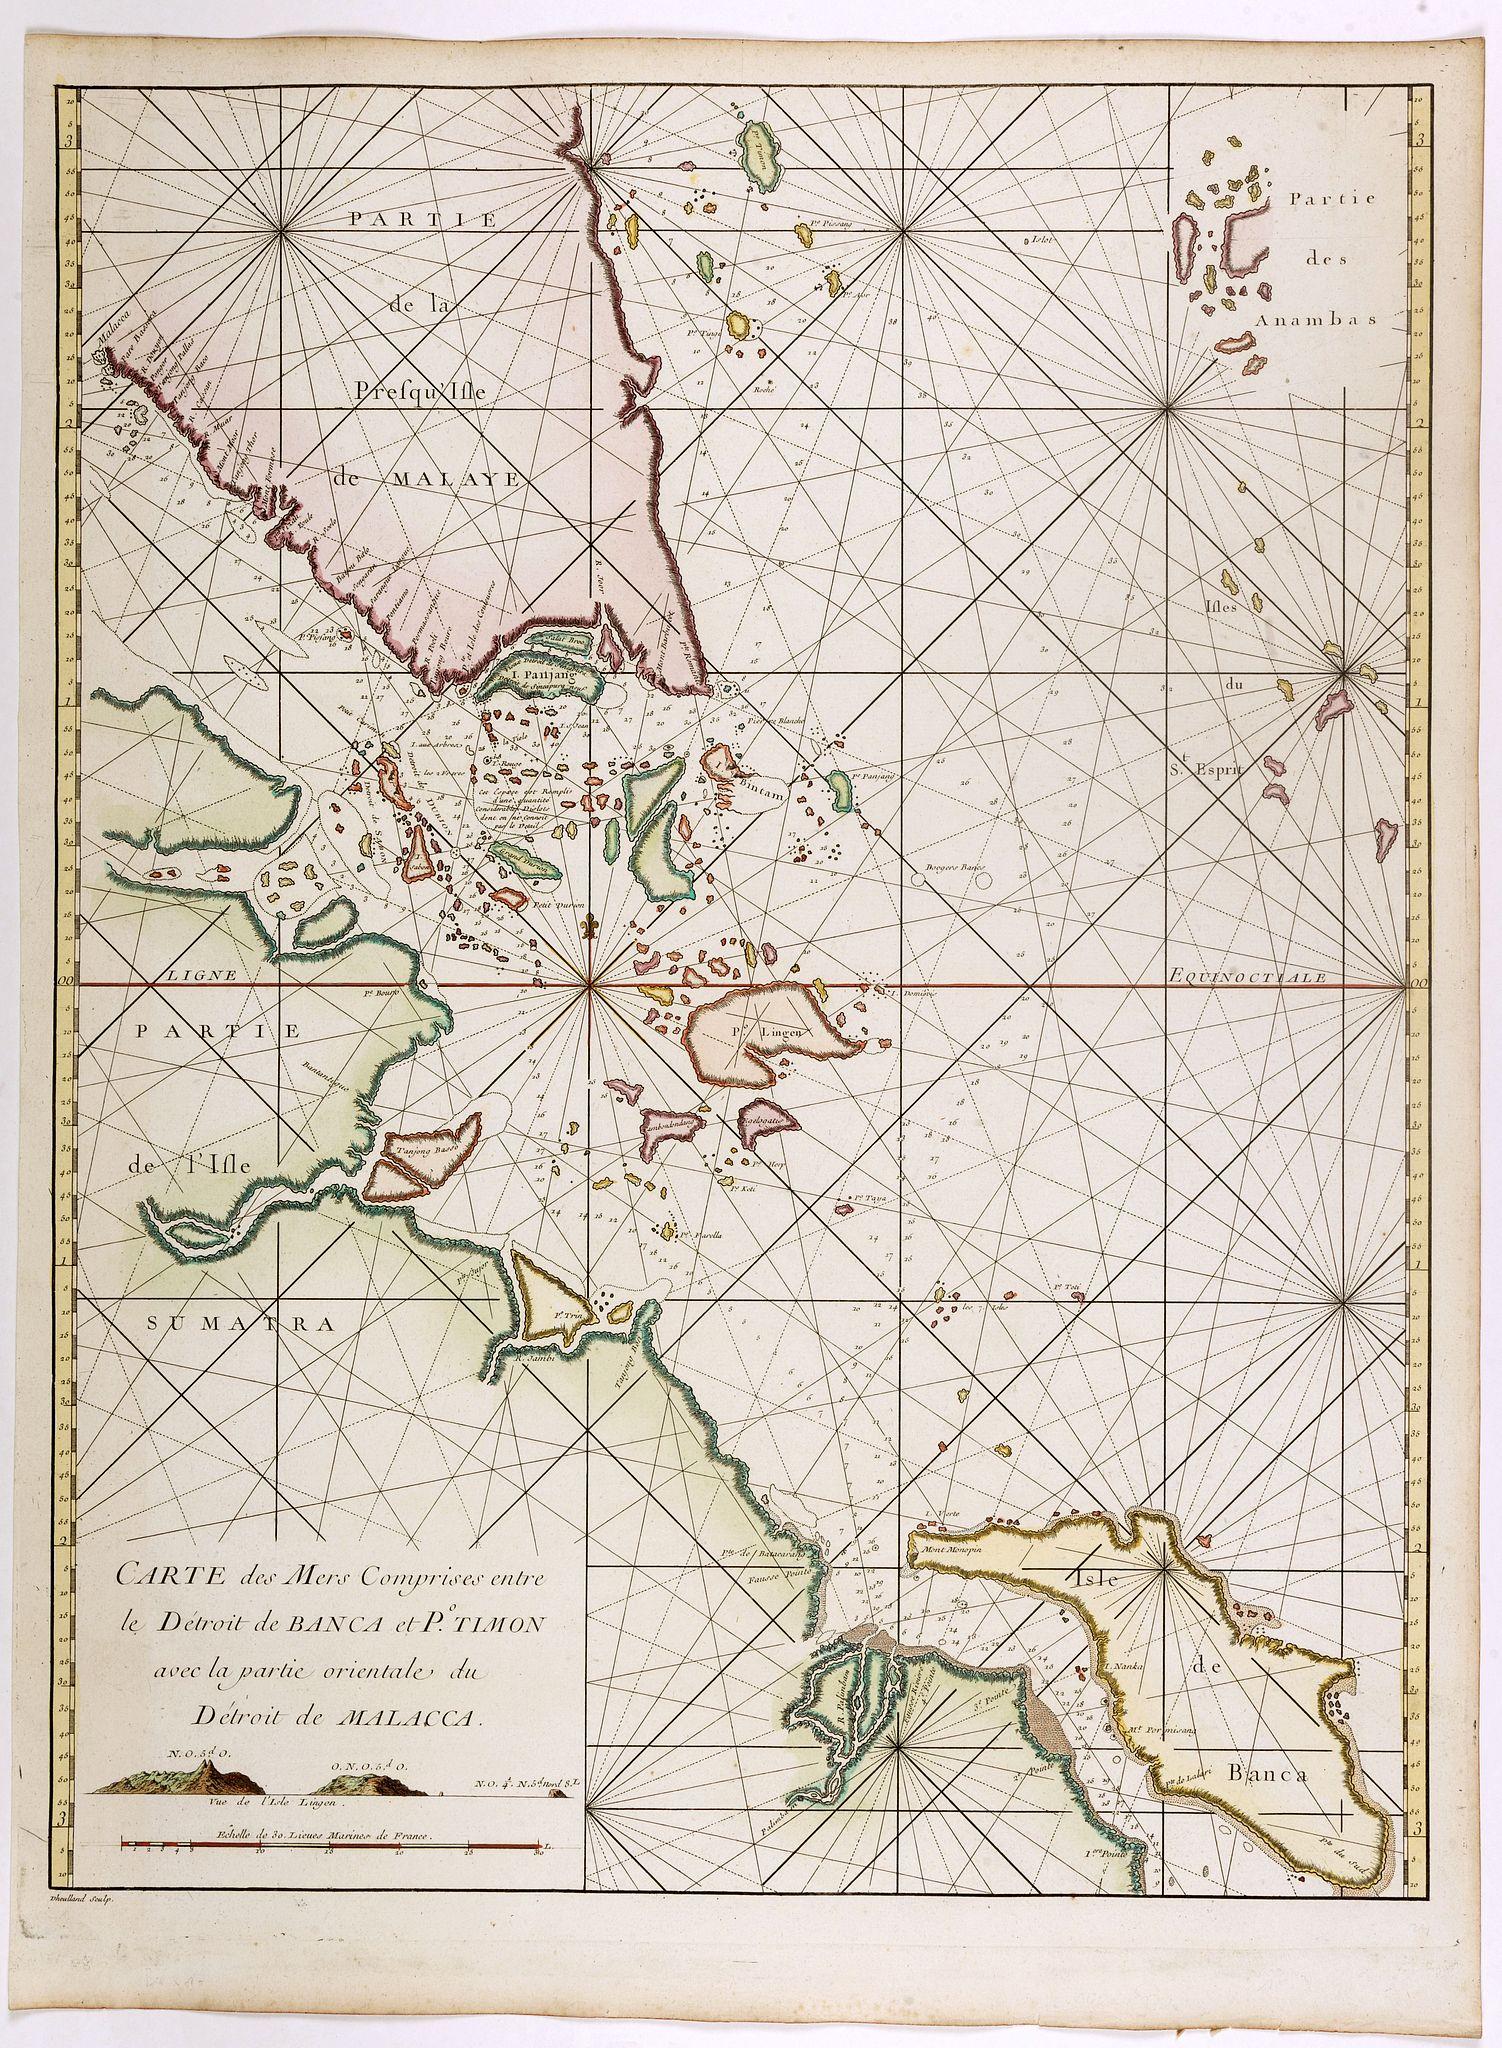 D'APRES DE MANNEVILLETTE. -  Nouvelle carte des mers comprises entre le détroit de Banca et P°. Timon avec la partie orientale du détroit de Malacca.